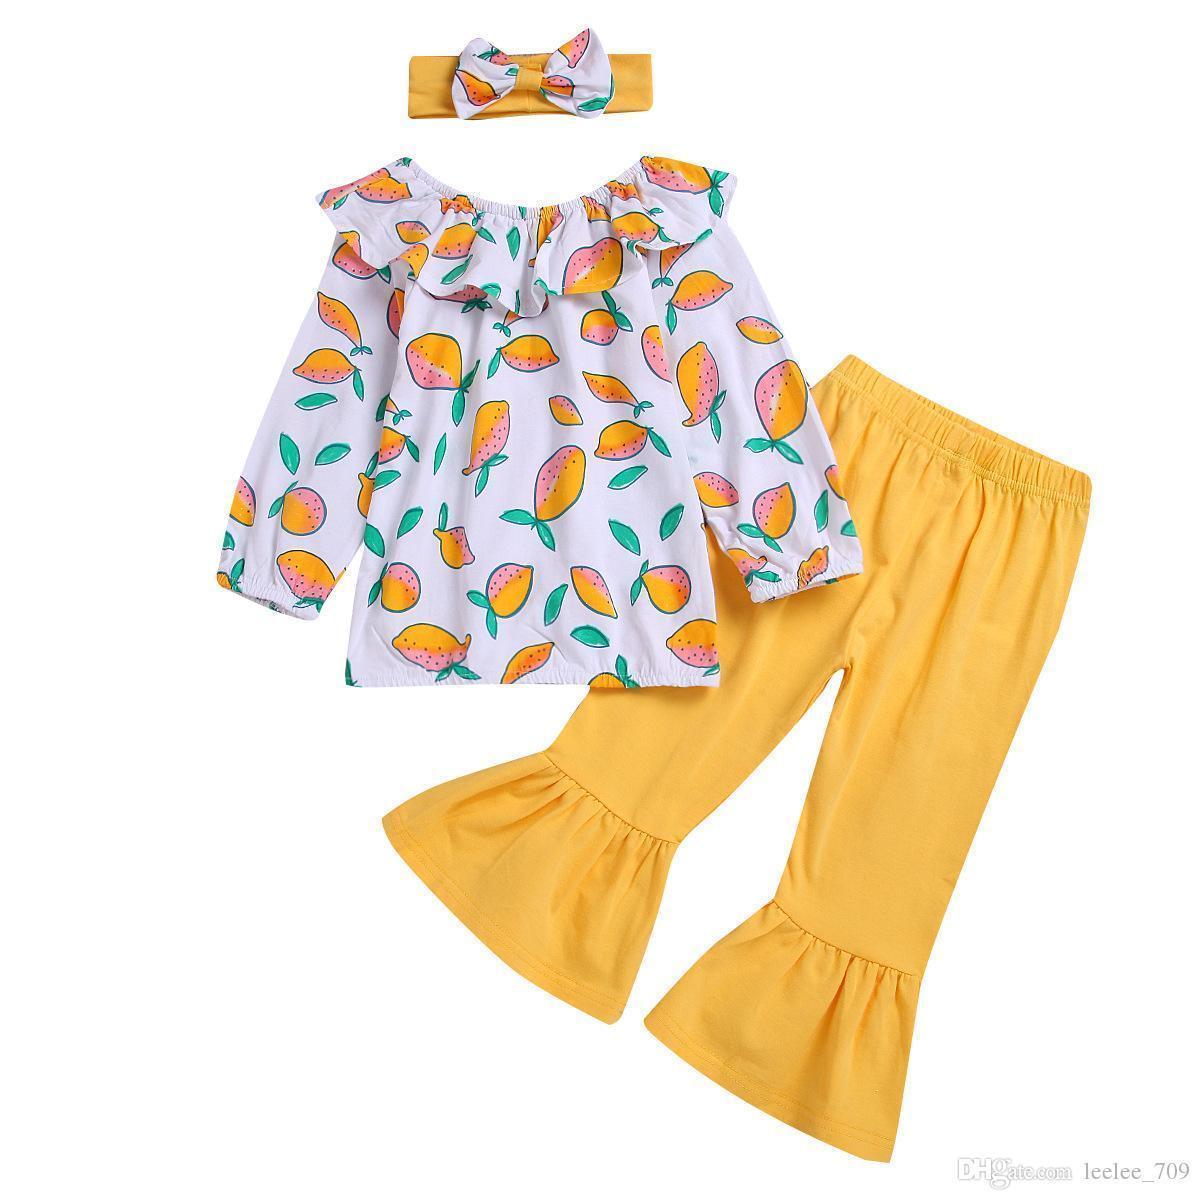 Лимон девочка одежда малыш девушка одежда 3шт девушки наряды топы оголовье расклешенные брюки детские костюмы детские наборы Детская одежда A2948